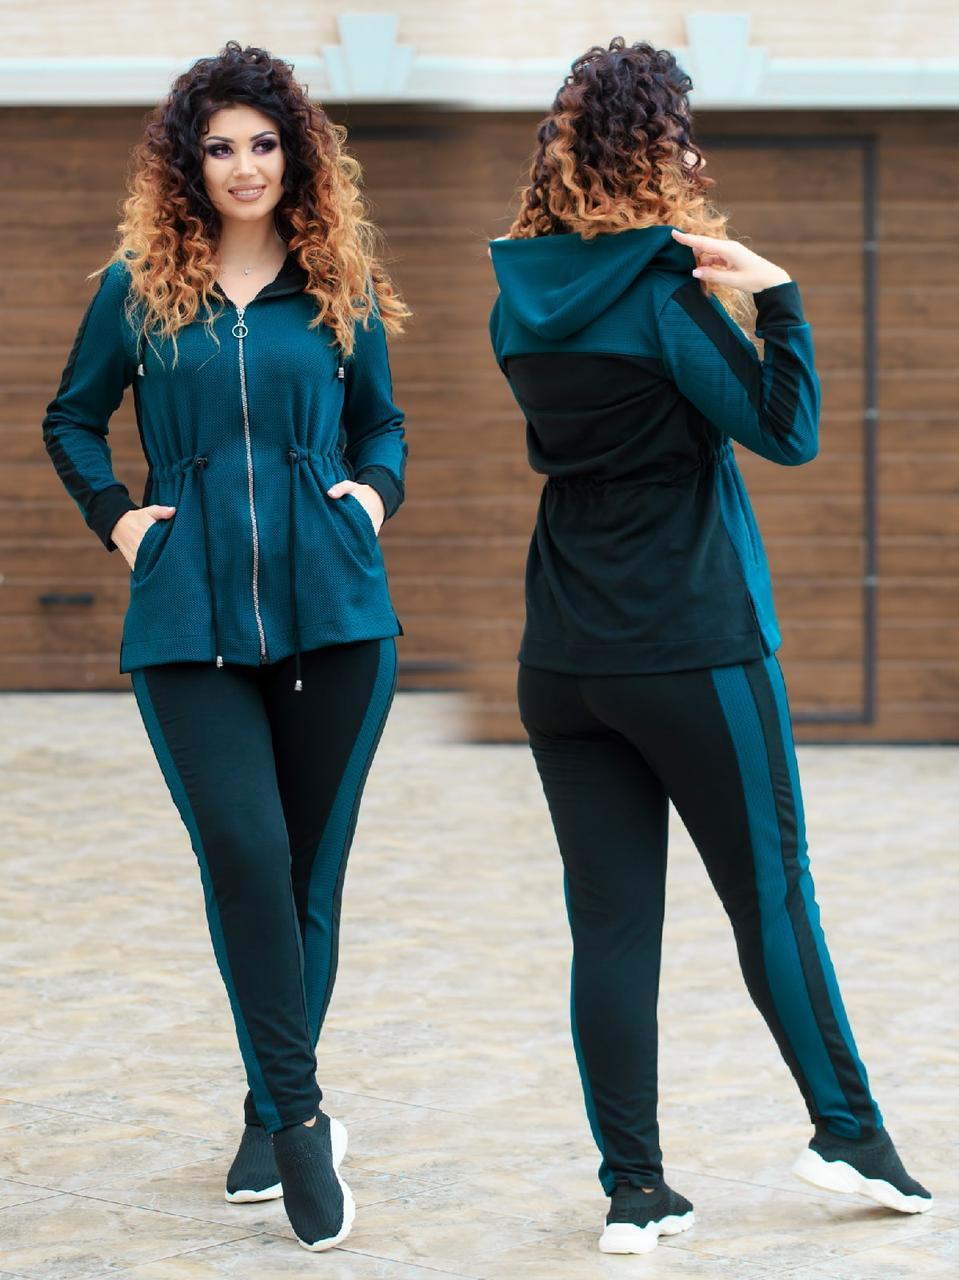 Женский спортивный костюм из структурного трикотажа: кофта с капюшоном и штаны, батал большие размеры